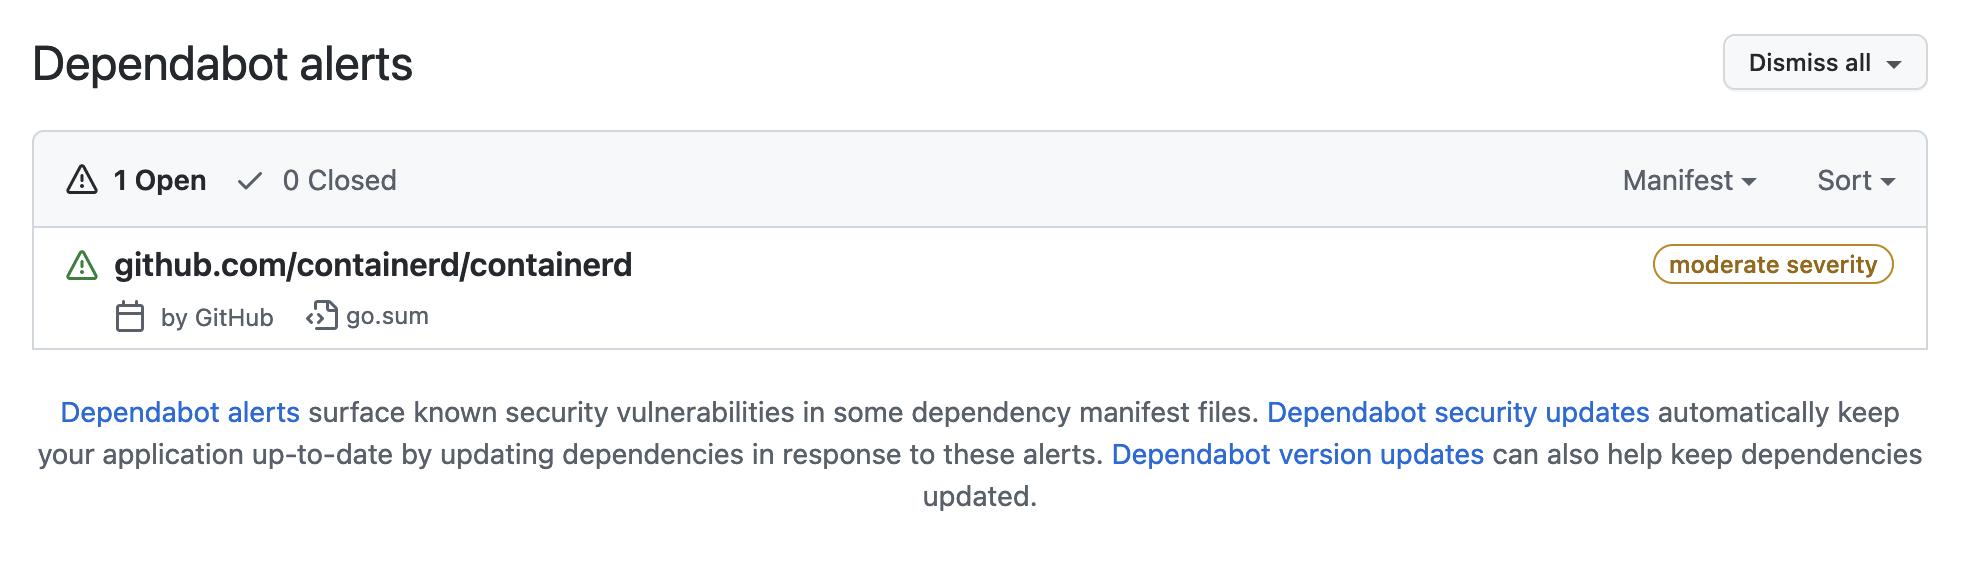 Screenshot of Dependabot alerts